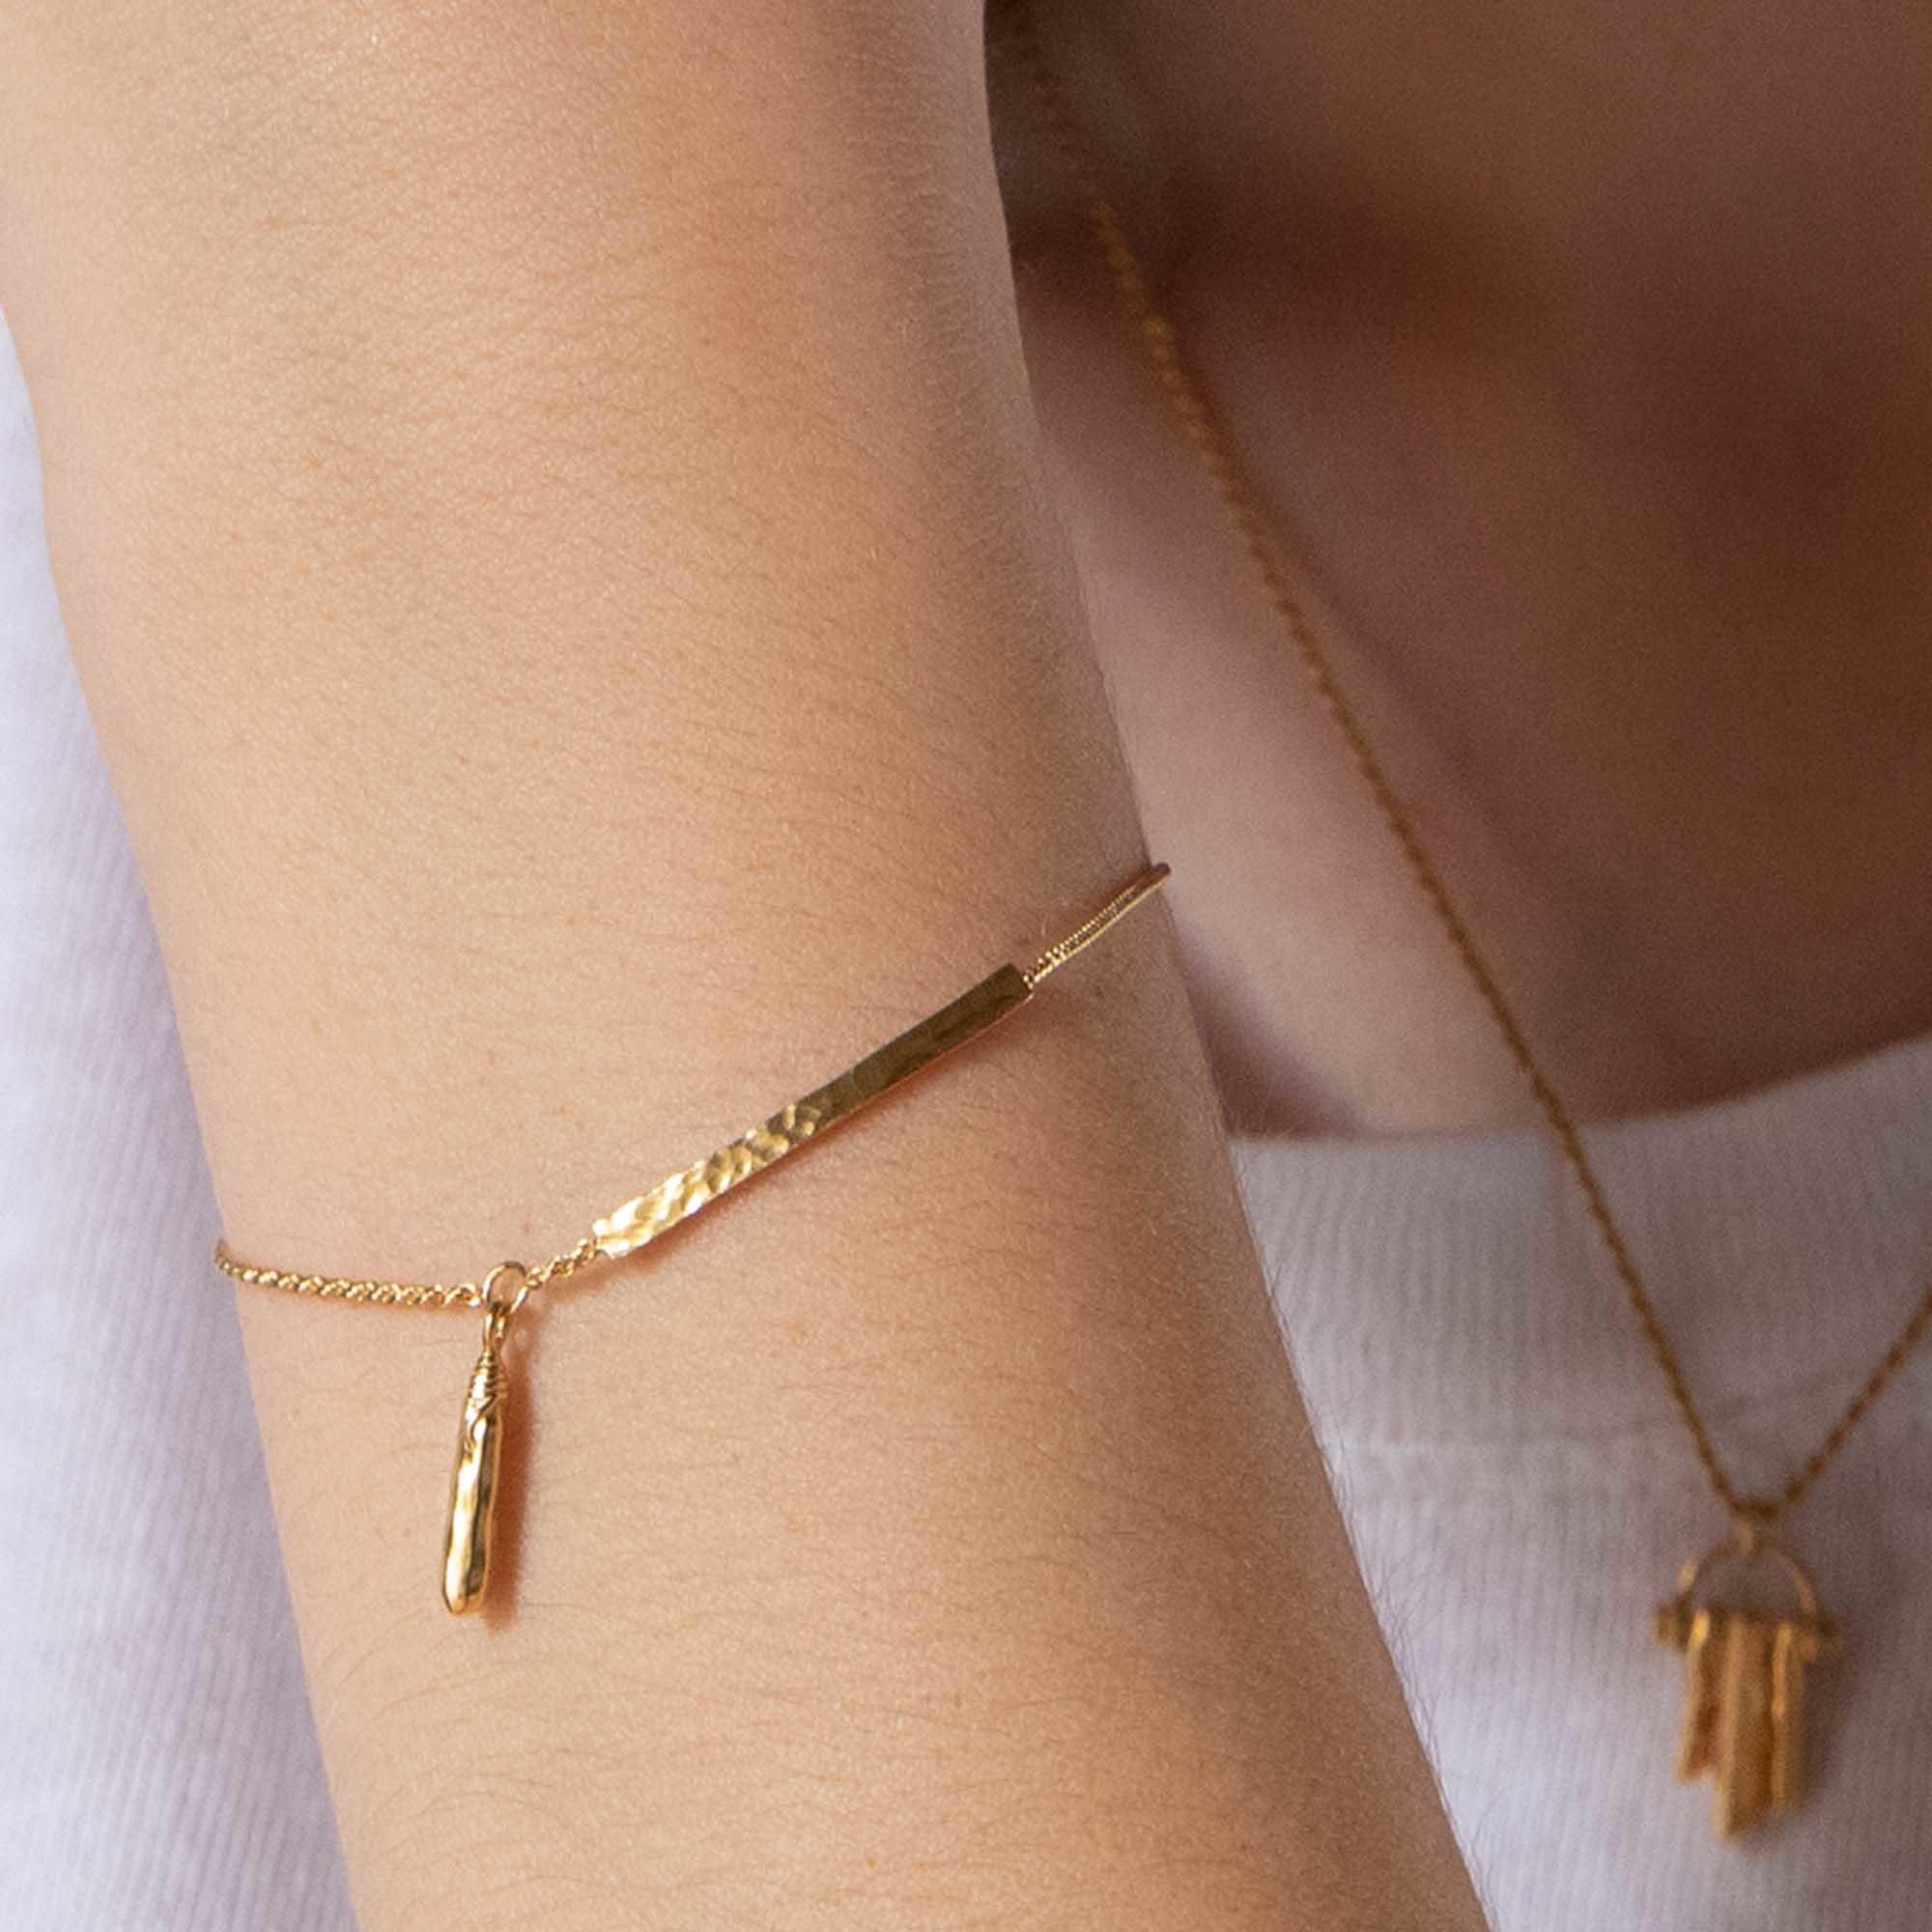 Violet Hamden Sisterhood Phoebe 925 sterling silver gold colored bracelet